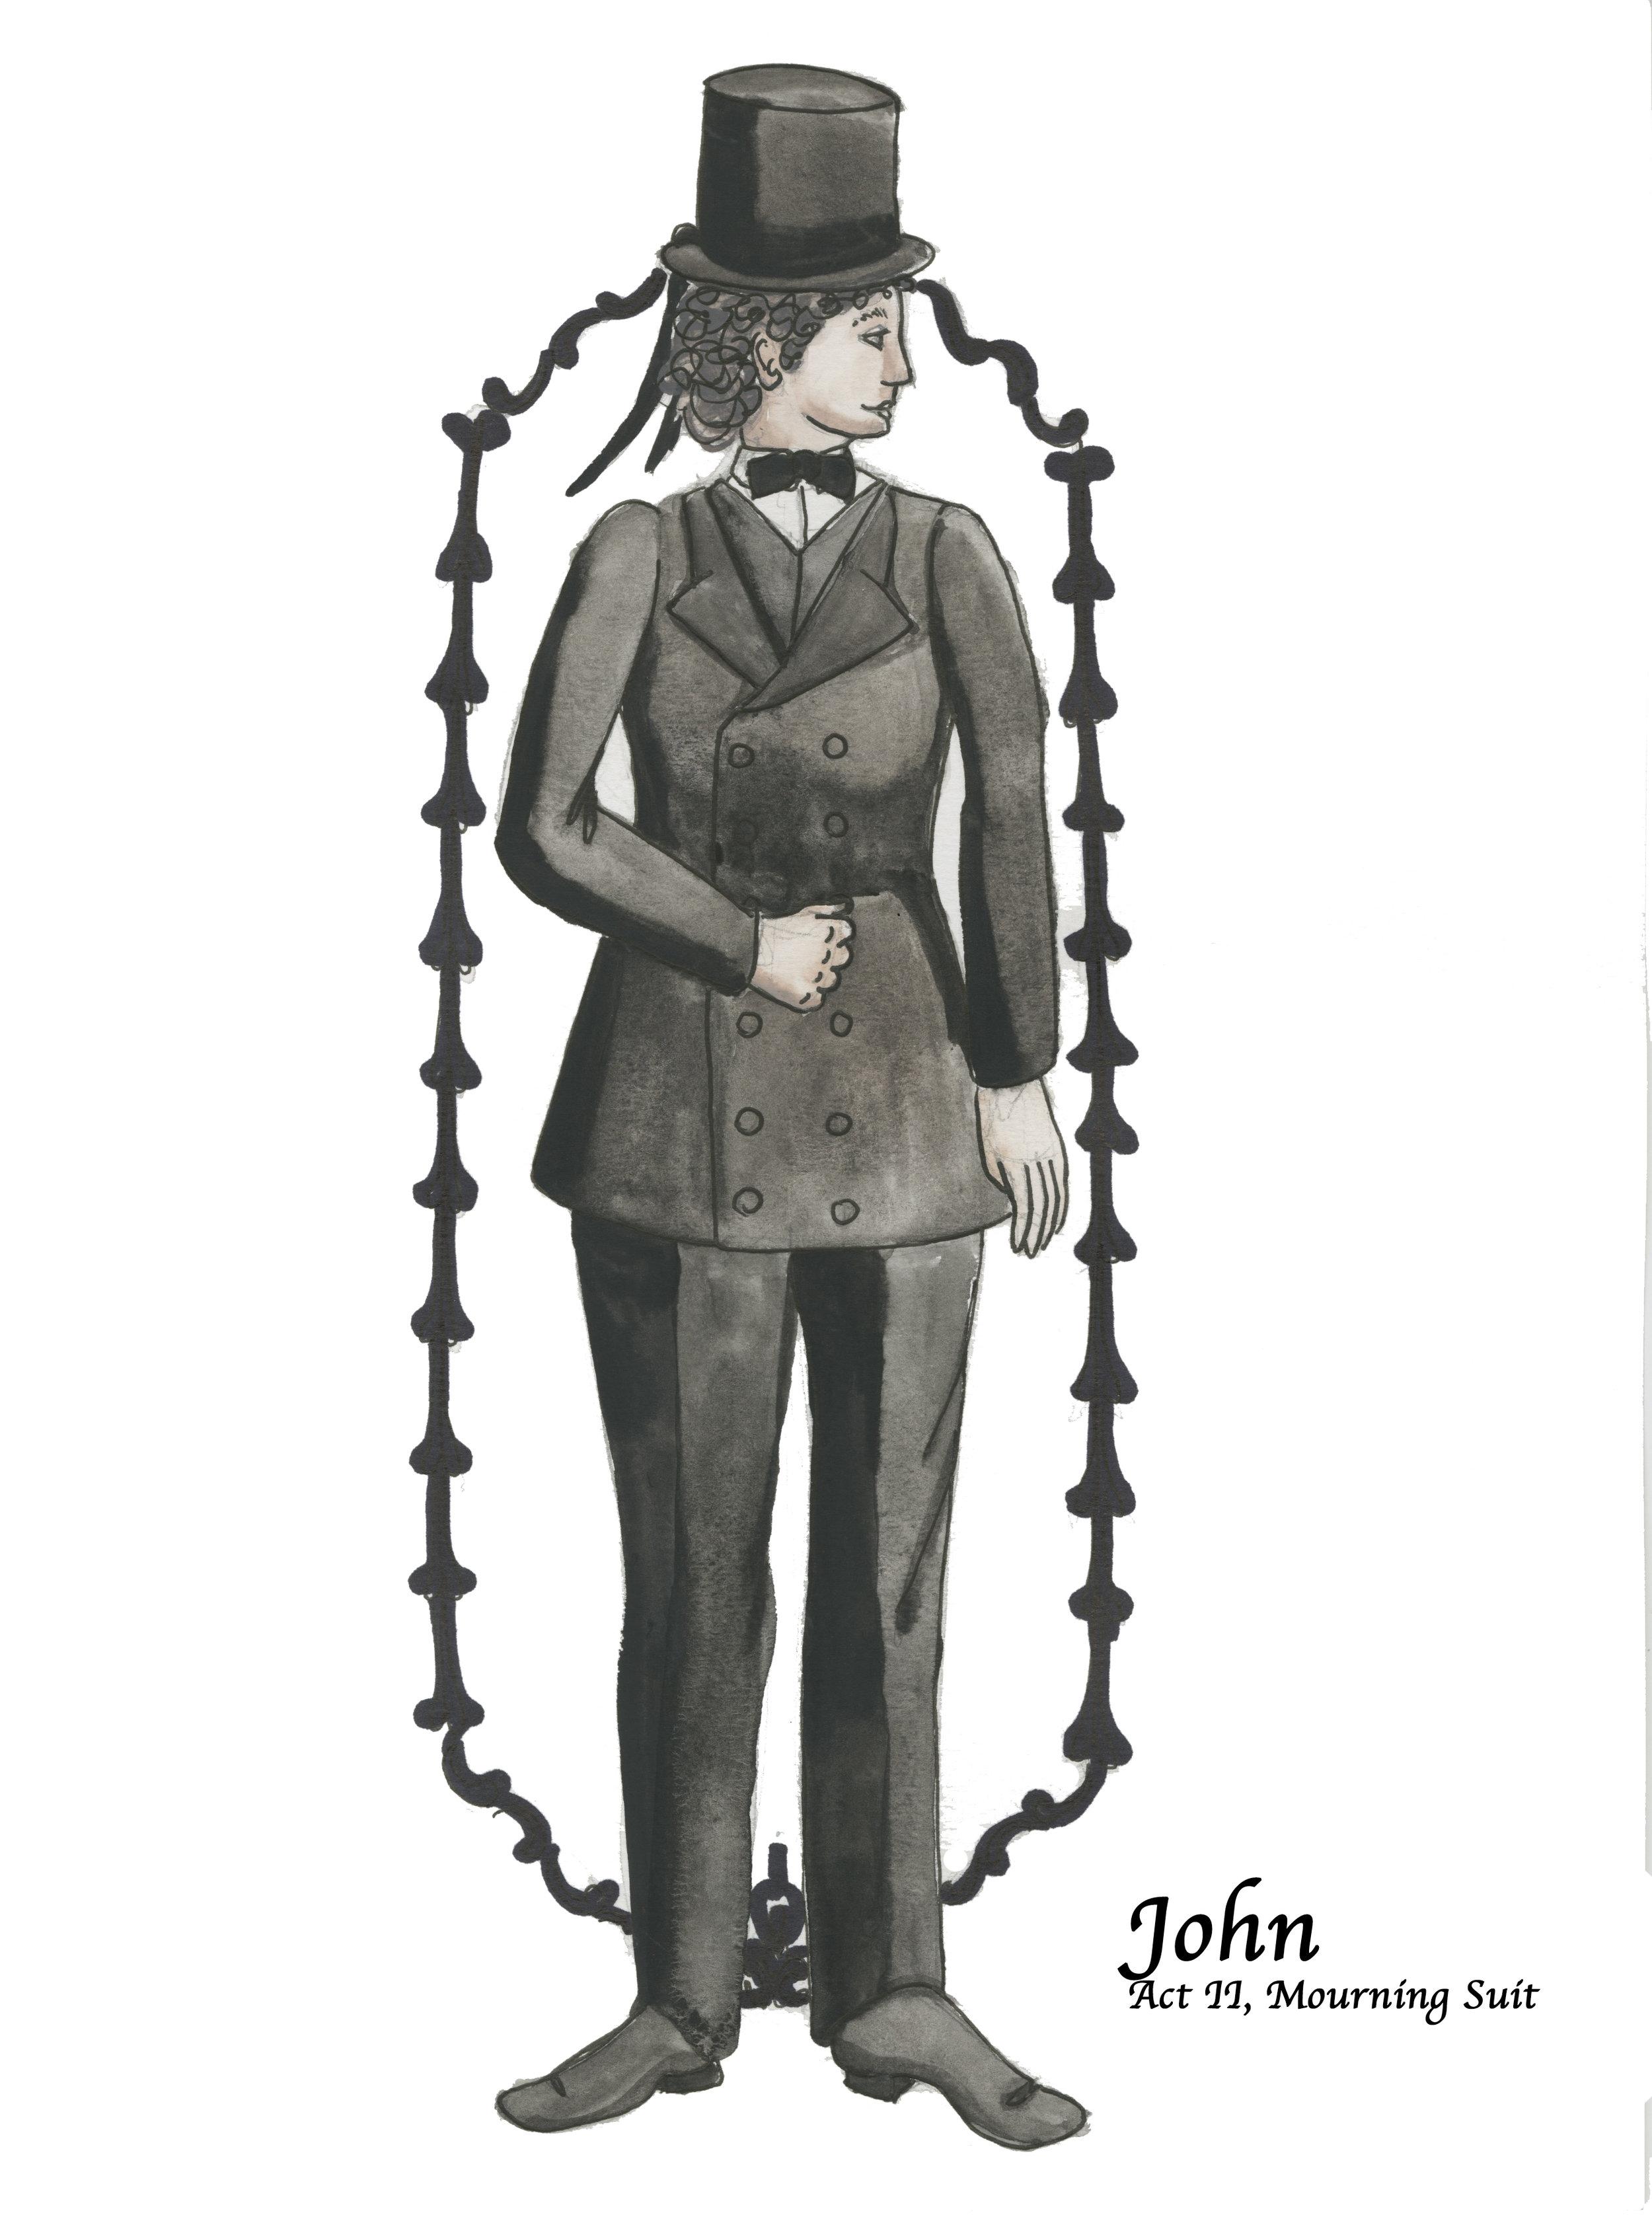 John mourning.jpg